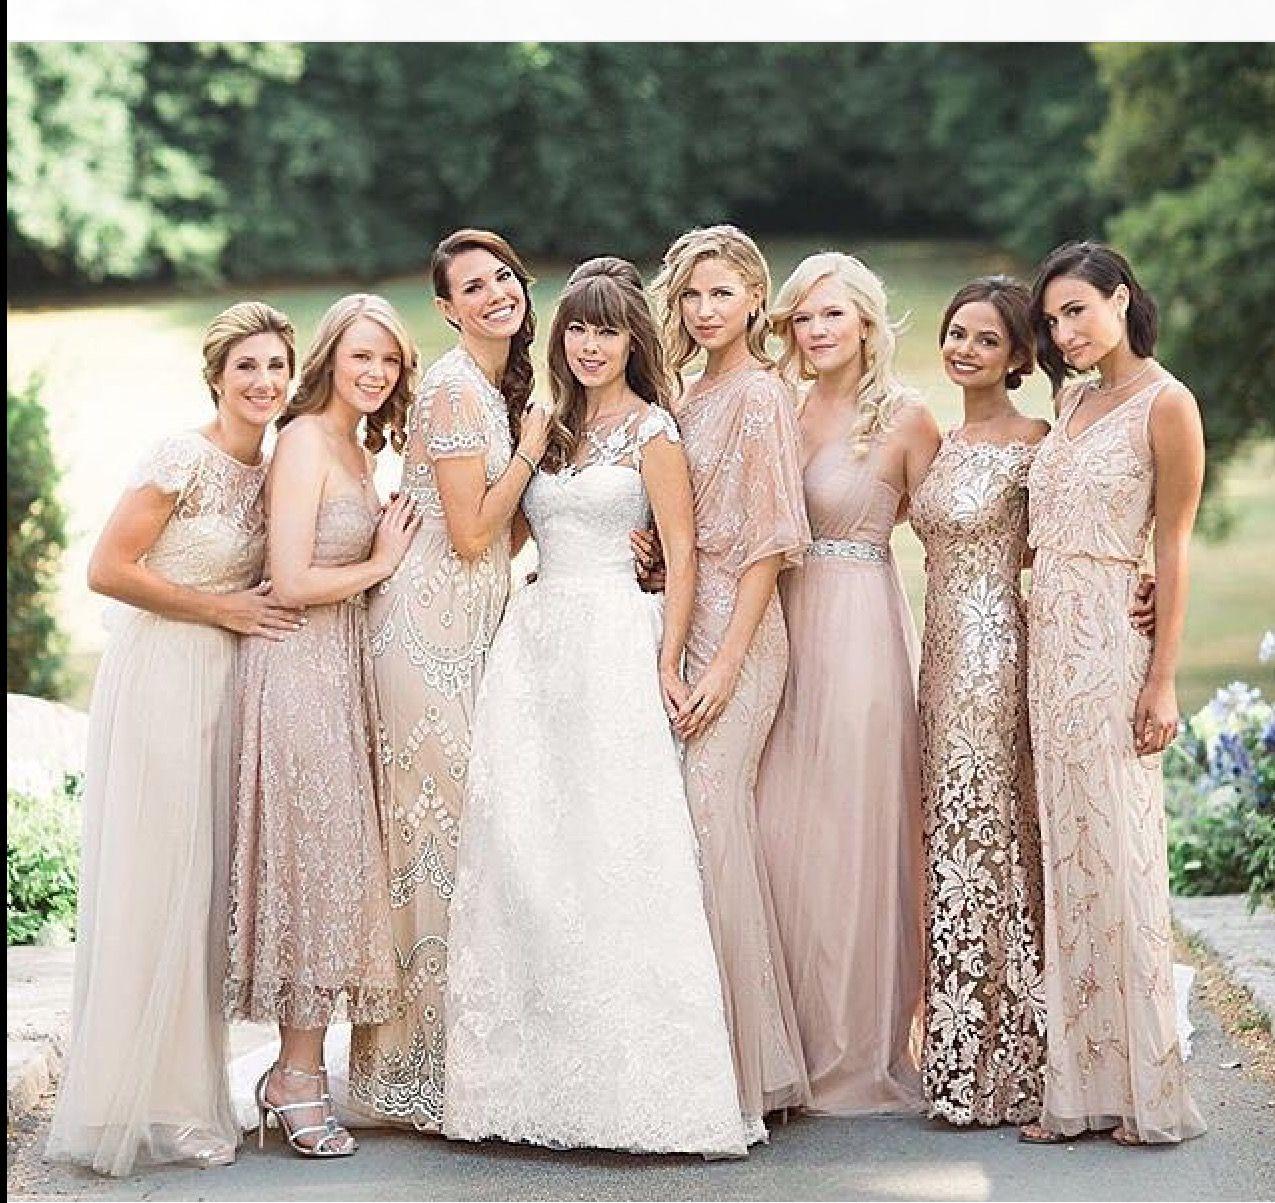 Pin von Camilla Zalka Thomas auf Misatched Bridesmaid Looks   Pinterest